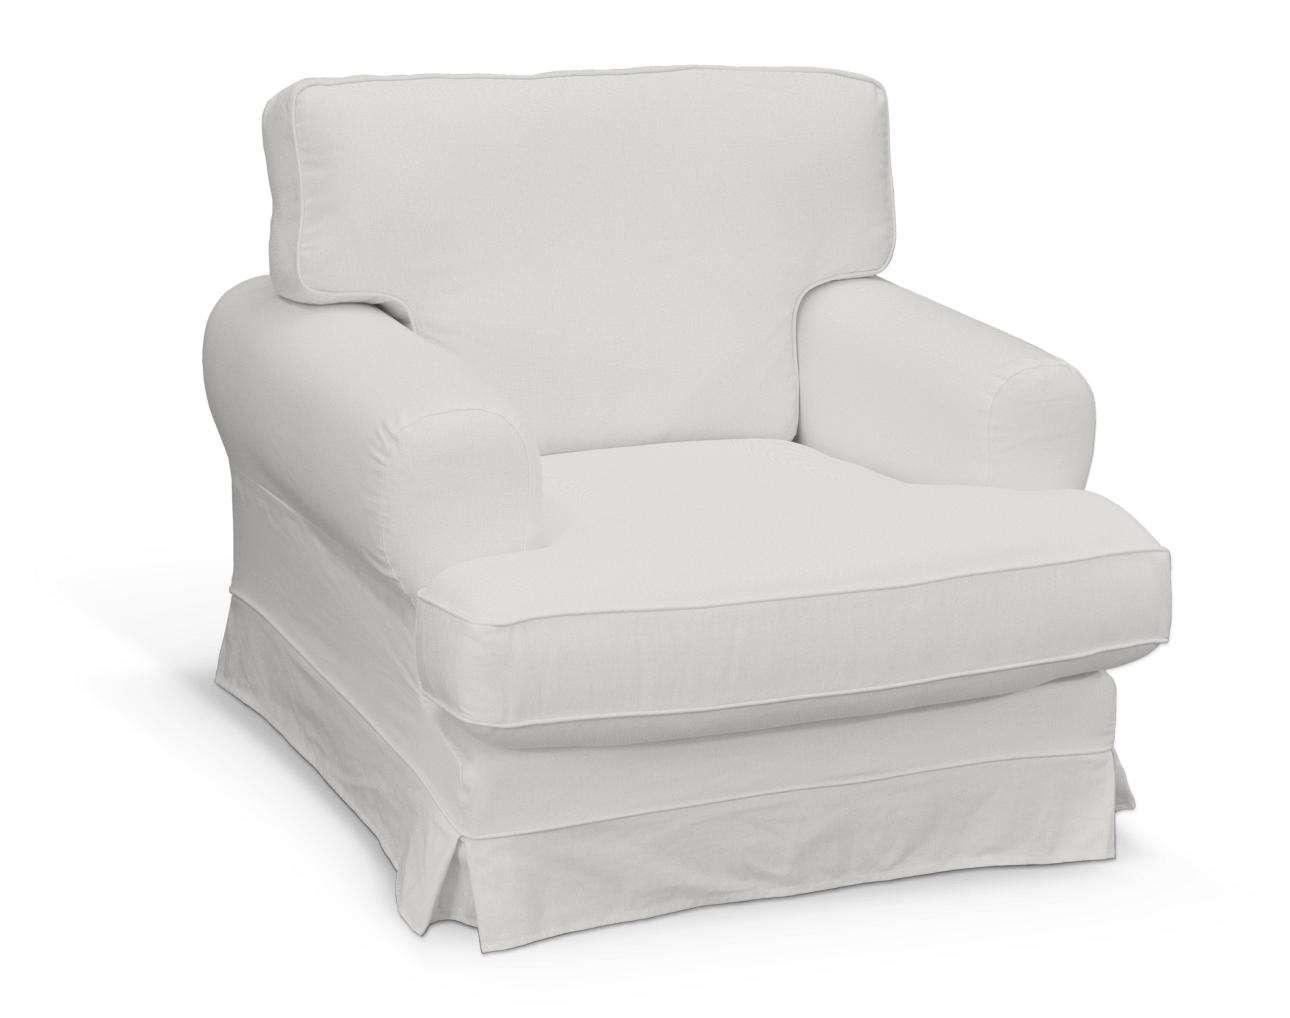 Bezug für Ekeskog Sessel von der Kollektion Etna, Stoff: 705-01